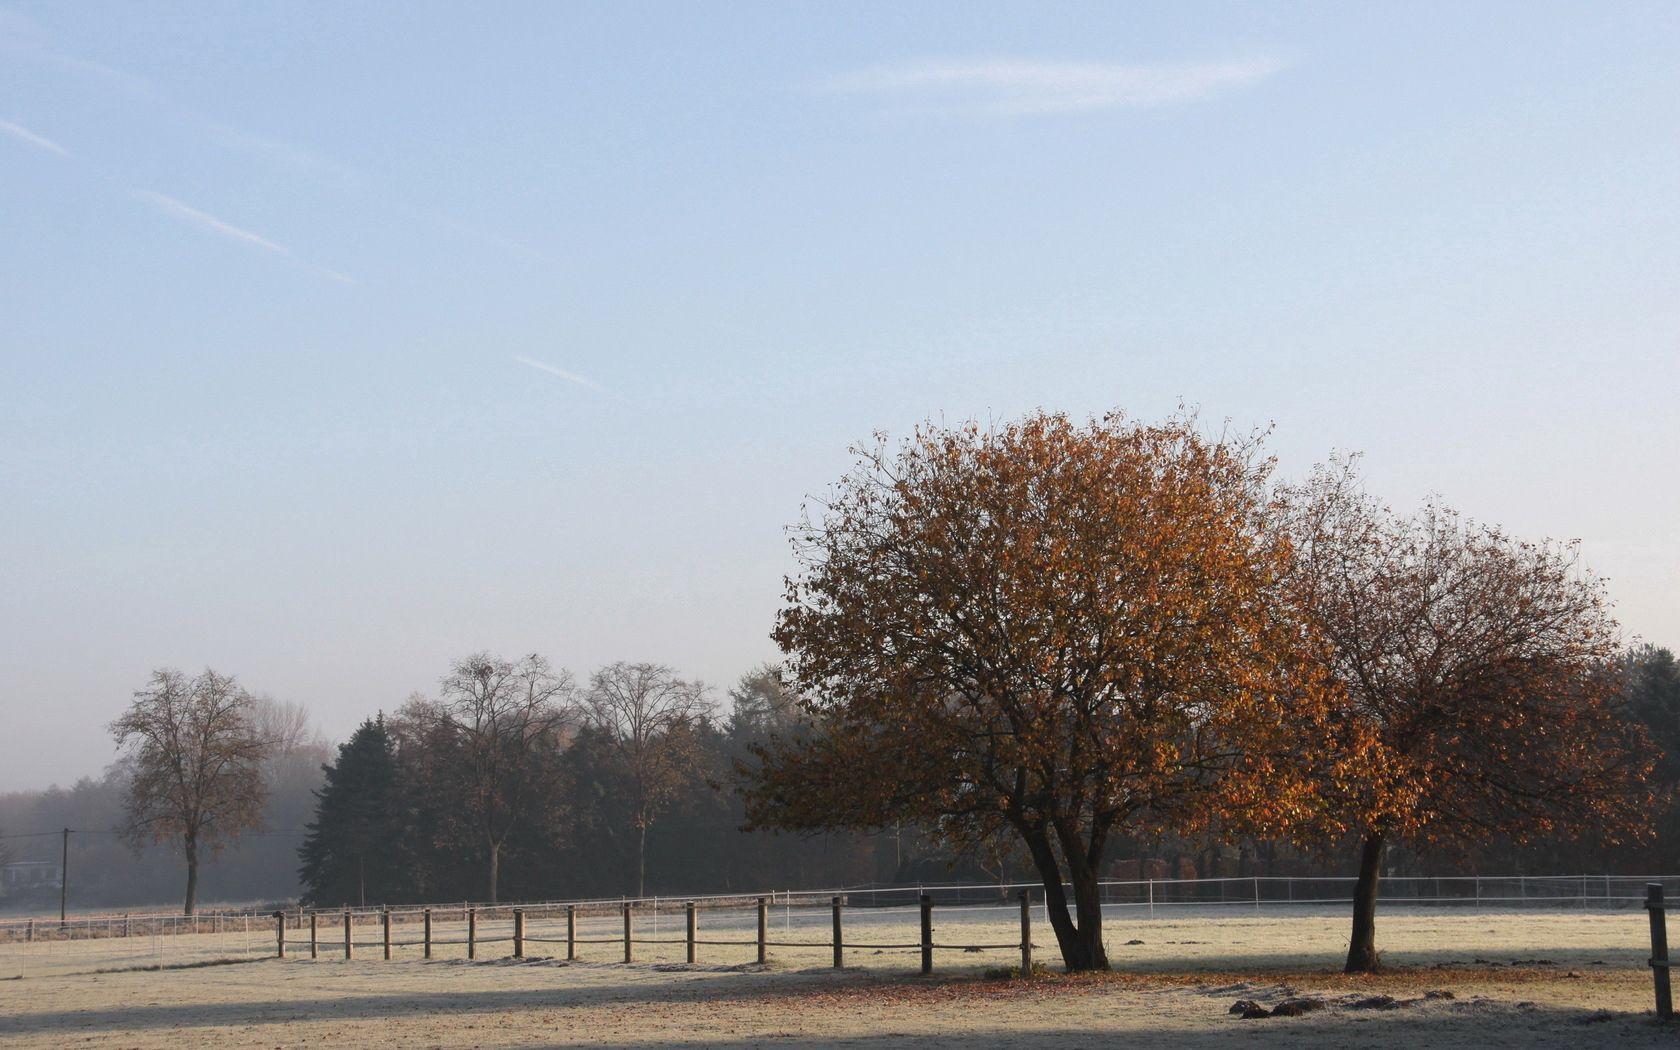 70267 скачать обои Природа, Поле, Забор, Деревья, Заморозки, Утро, Иней, Прохлада, Осень, Октябрь - заставки и картинки бесплатно